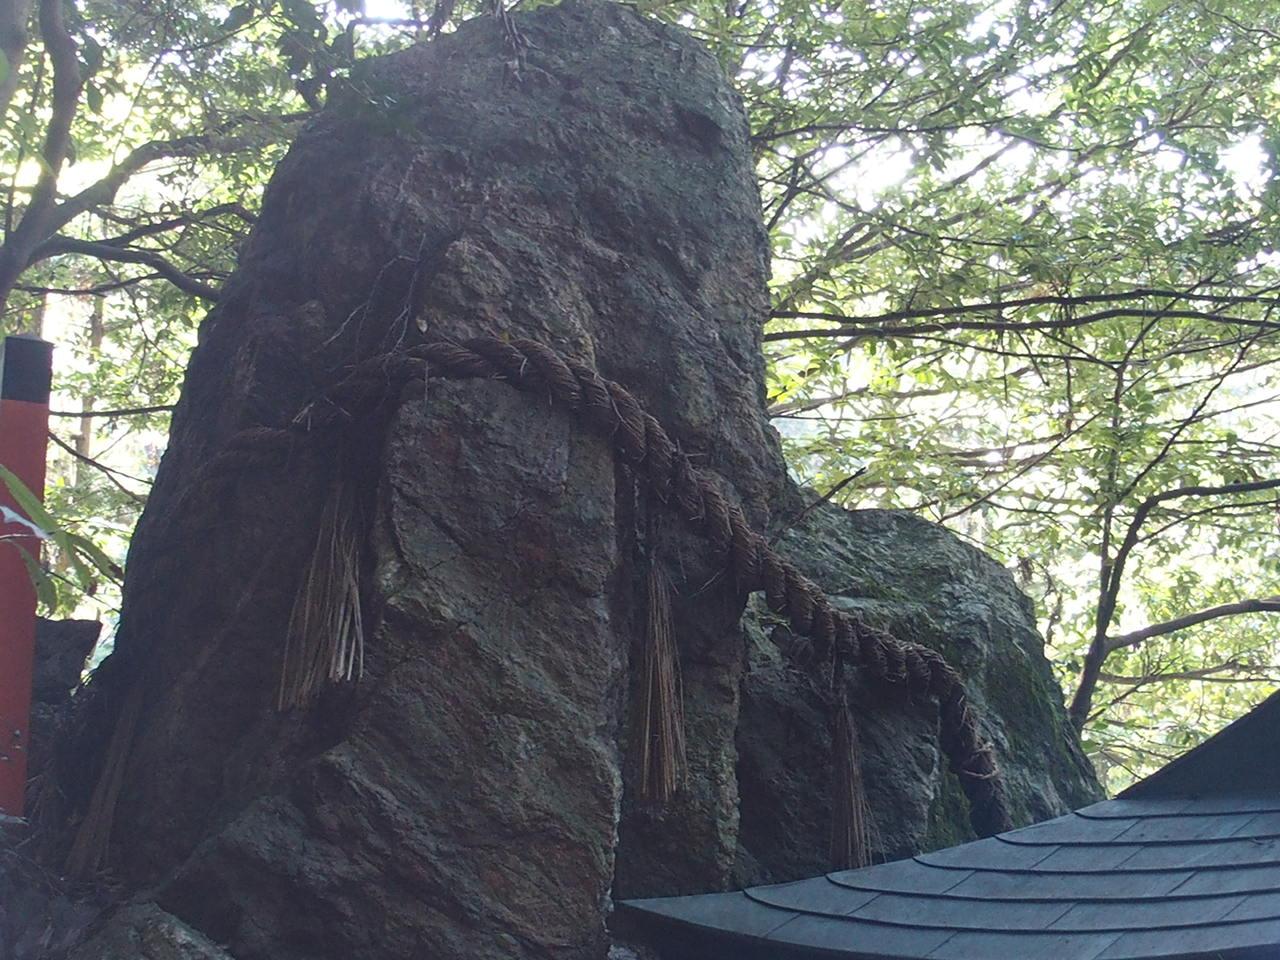 伏見稲荷大社の長者社の裏にある雷をおさえたという御劔石